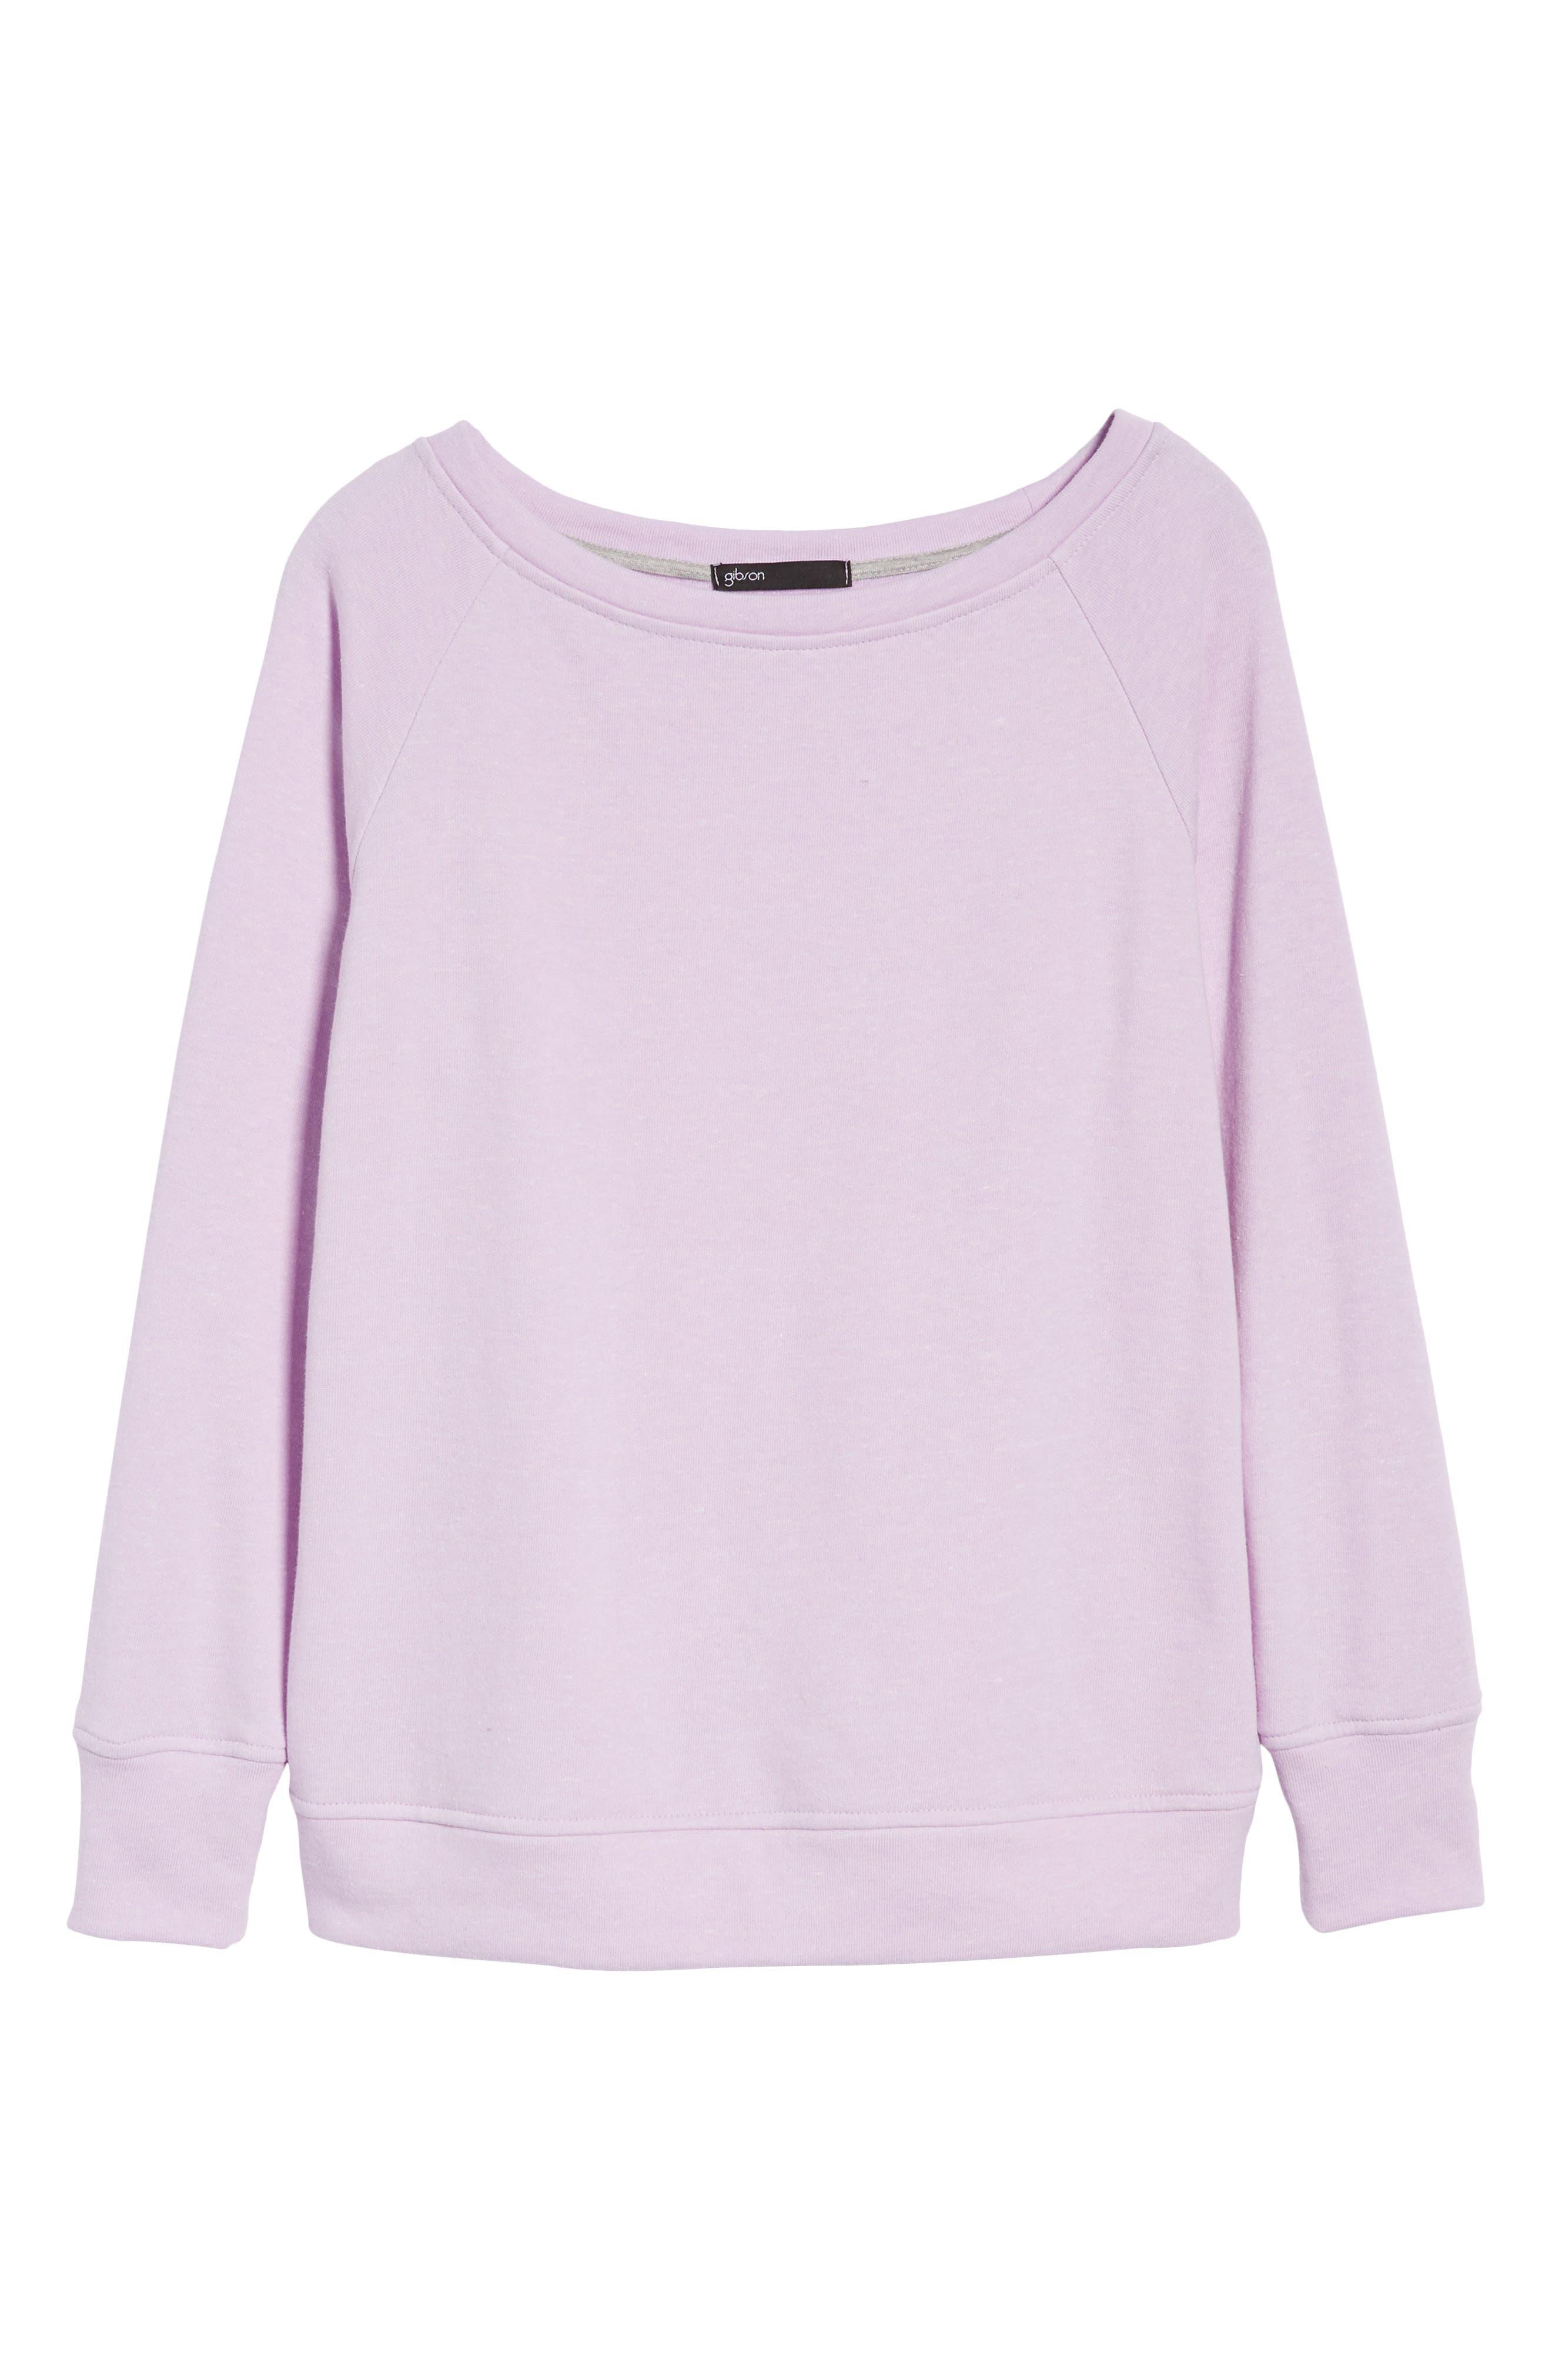 Slouch Sweatshirt,                             Alternate thumbnail 6, color,                             Pop Lavender